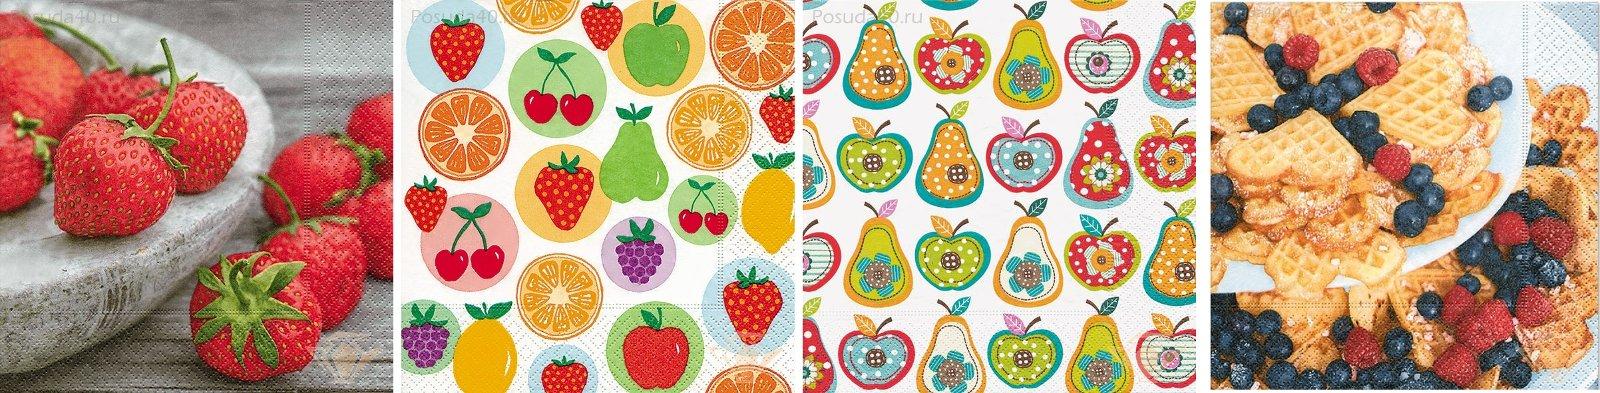 Бумажные салфетки от Paper+Design с рисунками и фотоизображениями ягод и плодов